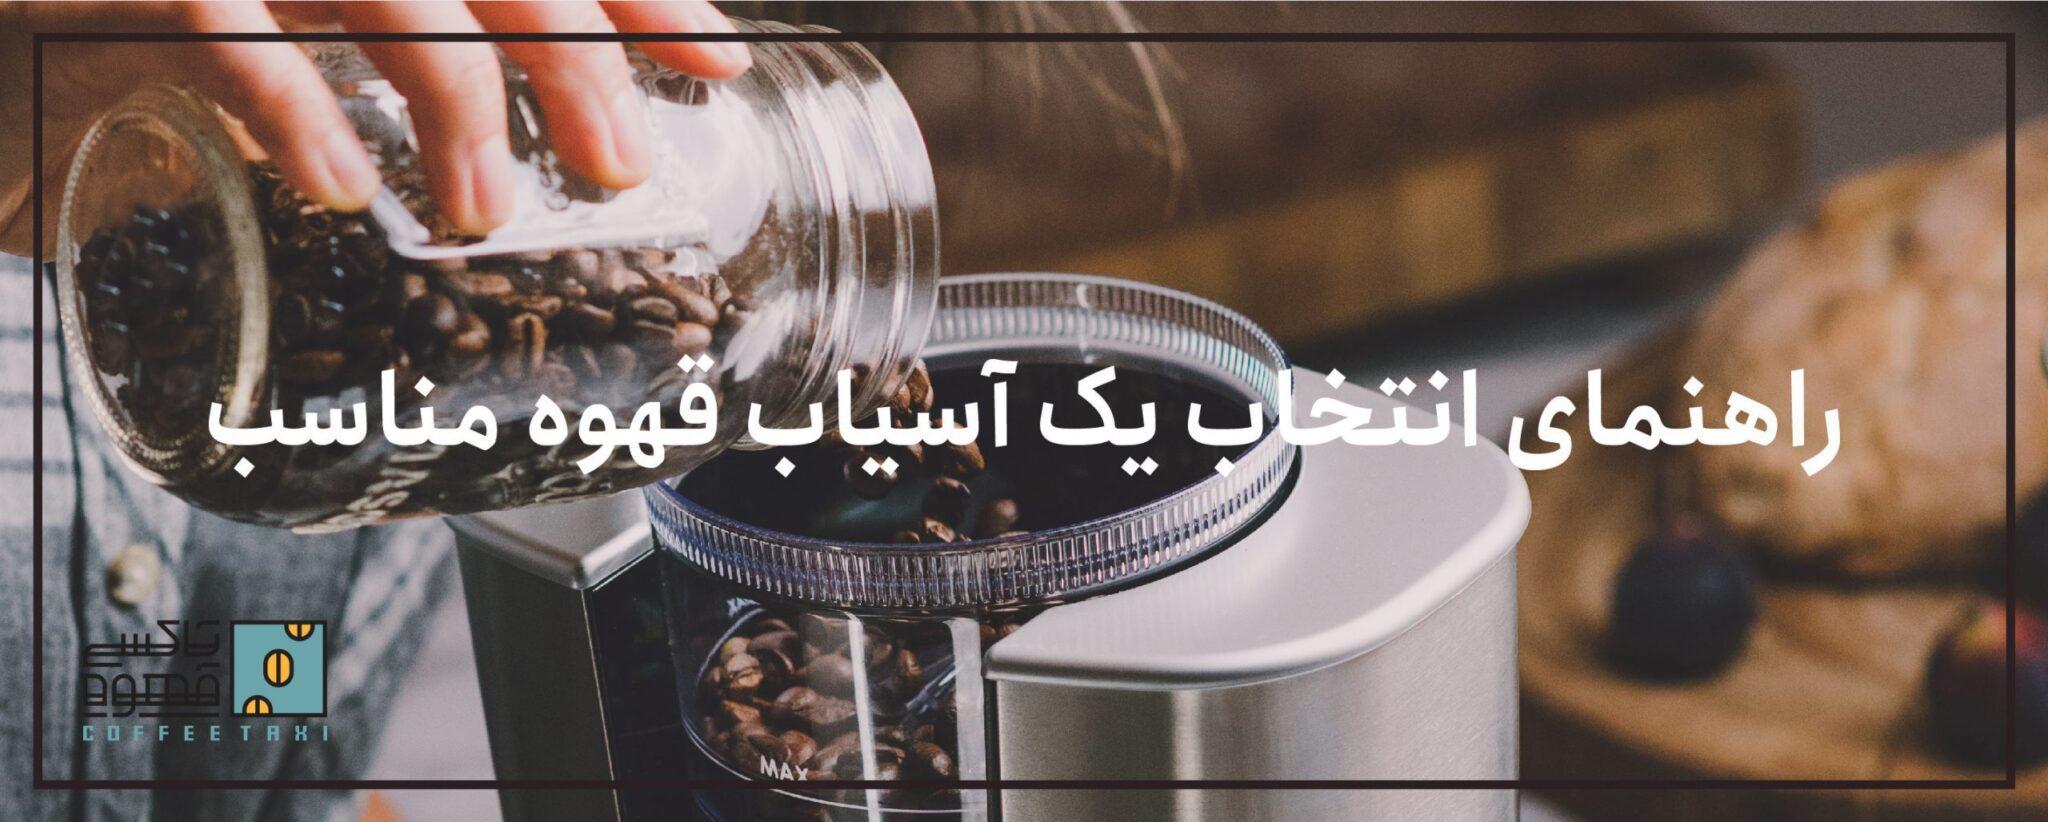 راهنمای انتخاب یک آسیاب قهوه مناسب